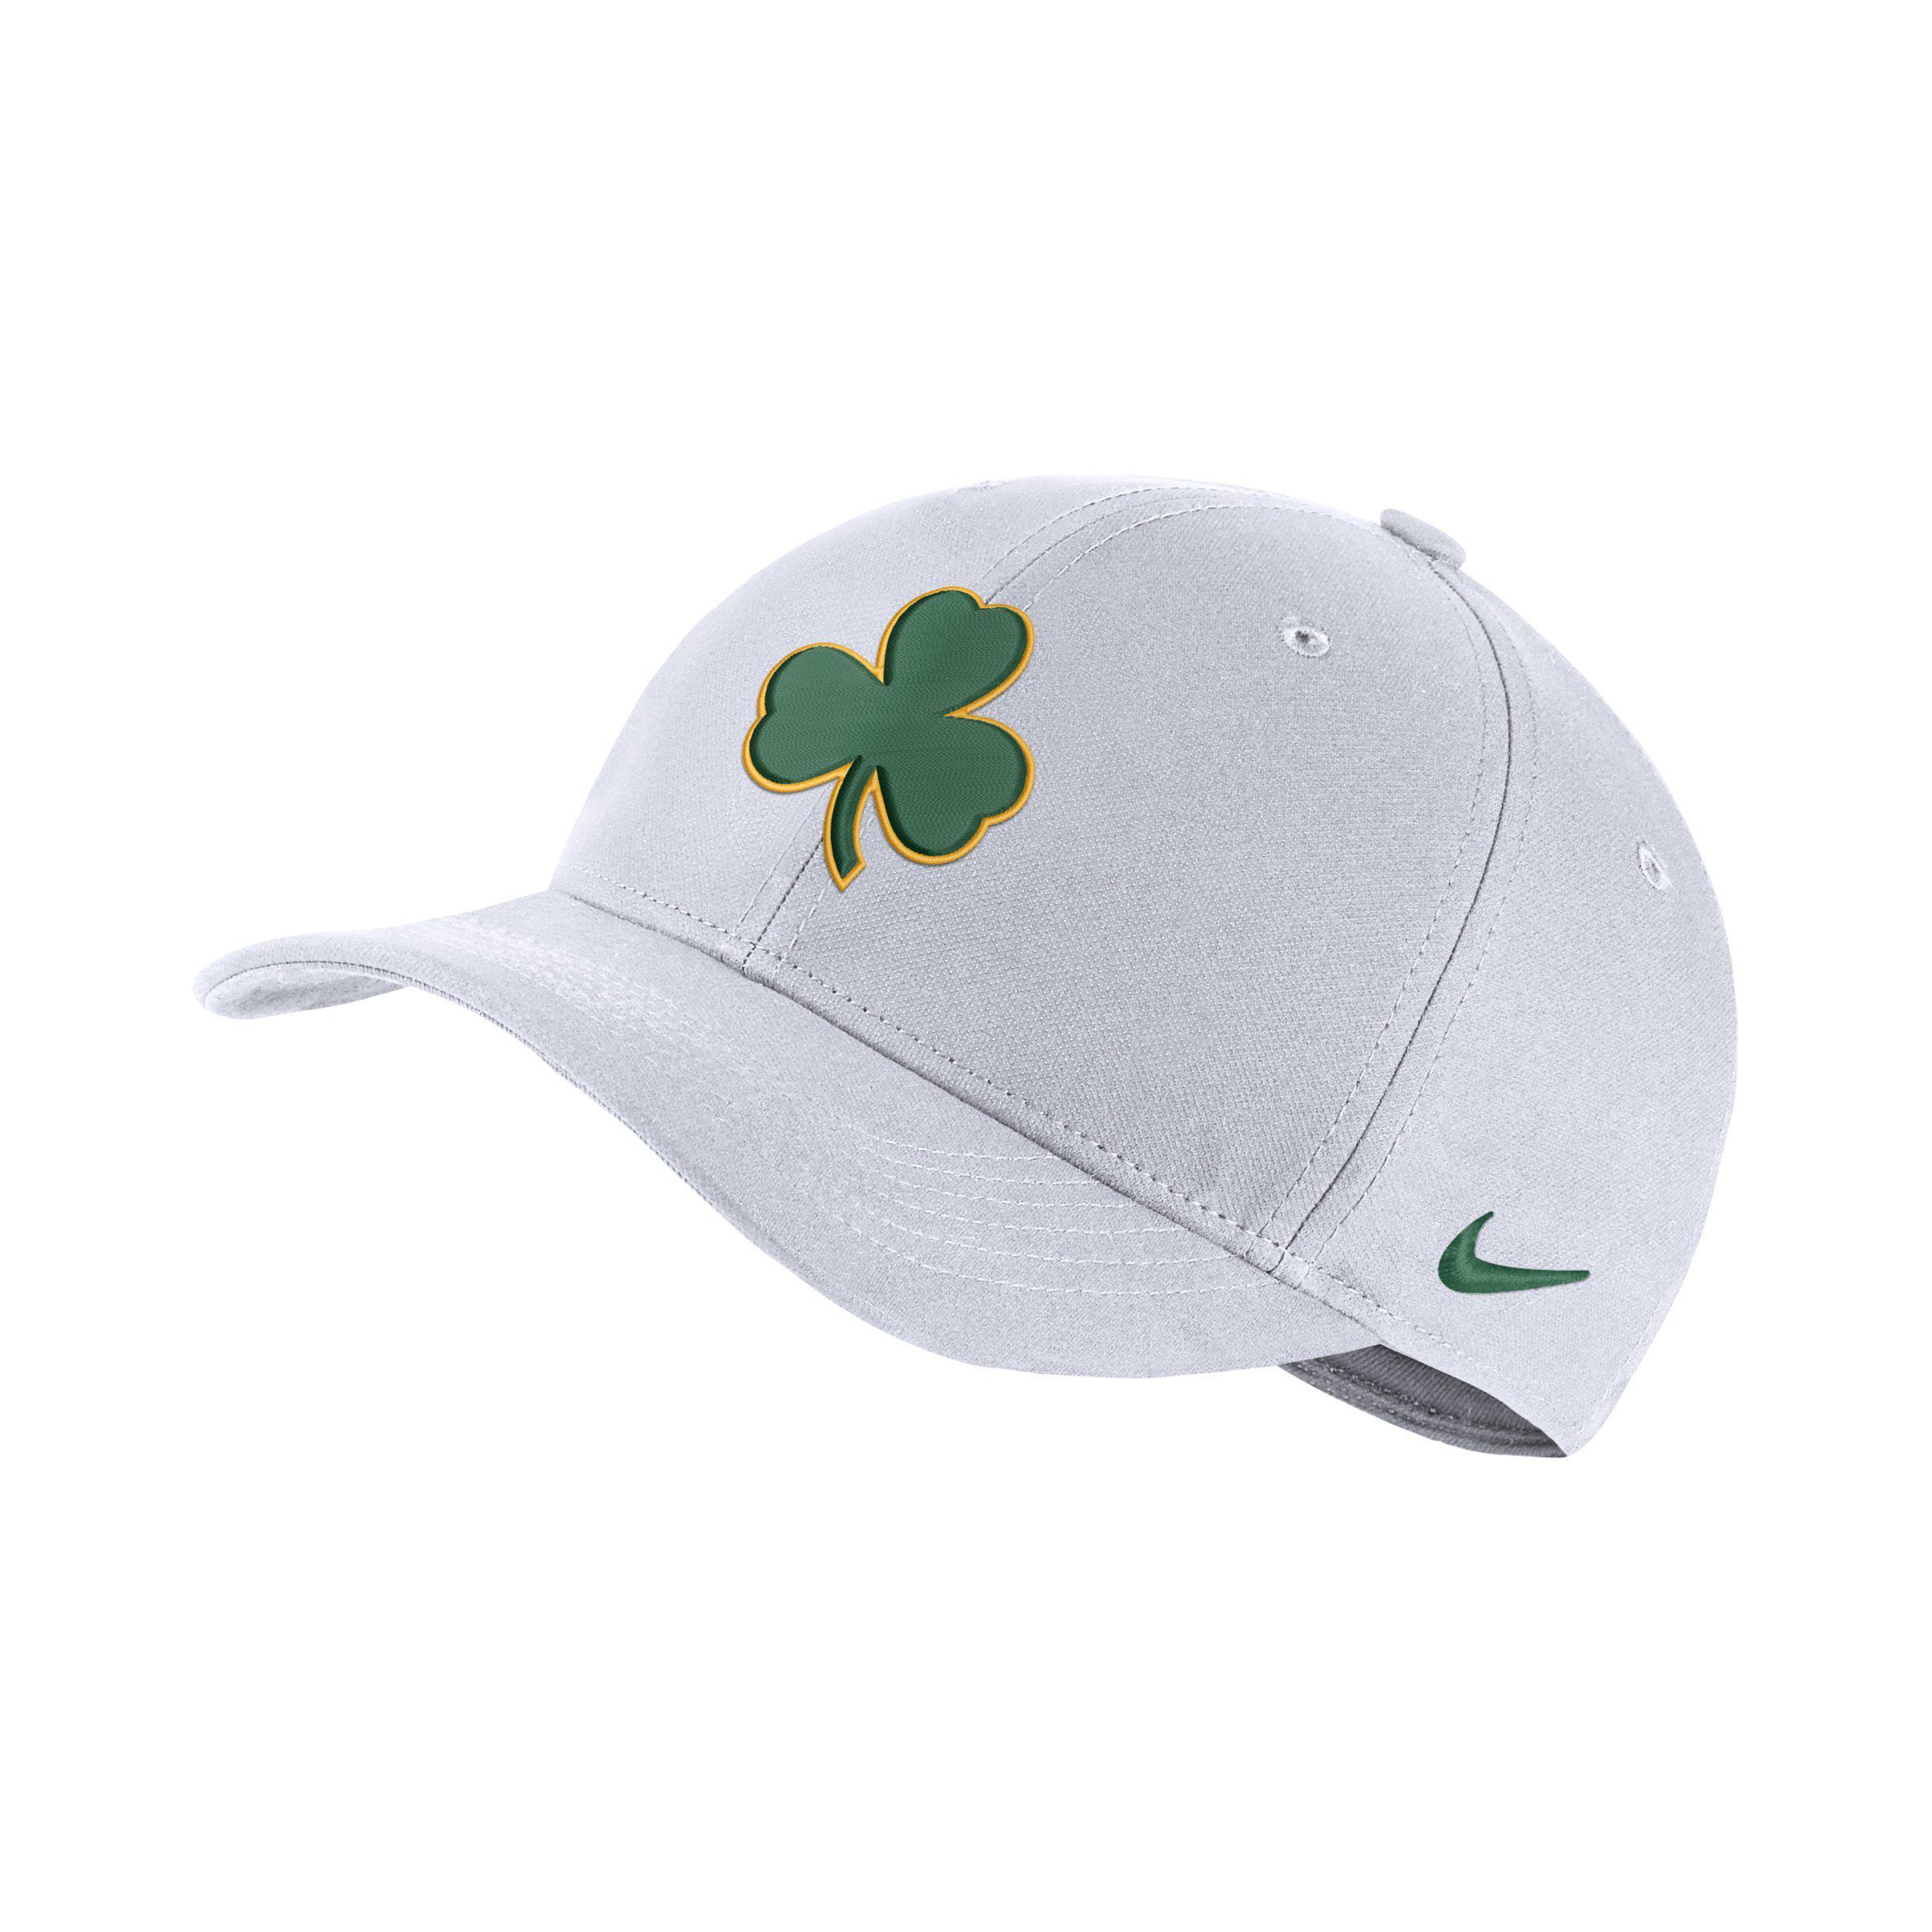 2257757cc42772 Nike Boston Celtics City Edition Aerobill Classic99 Nba Hat in White ...